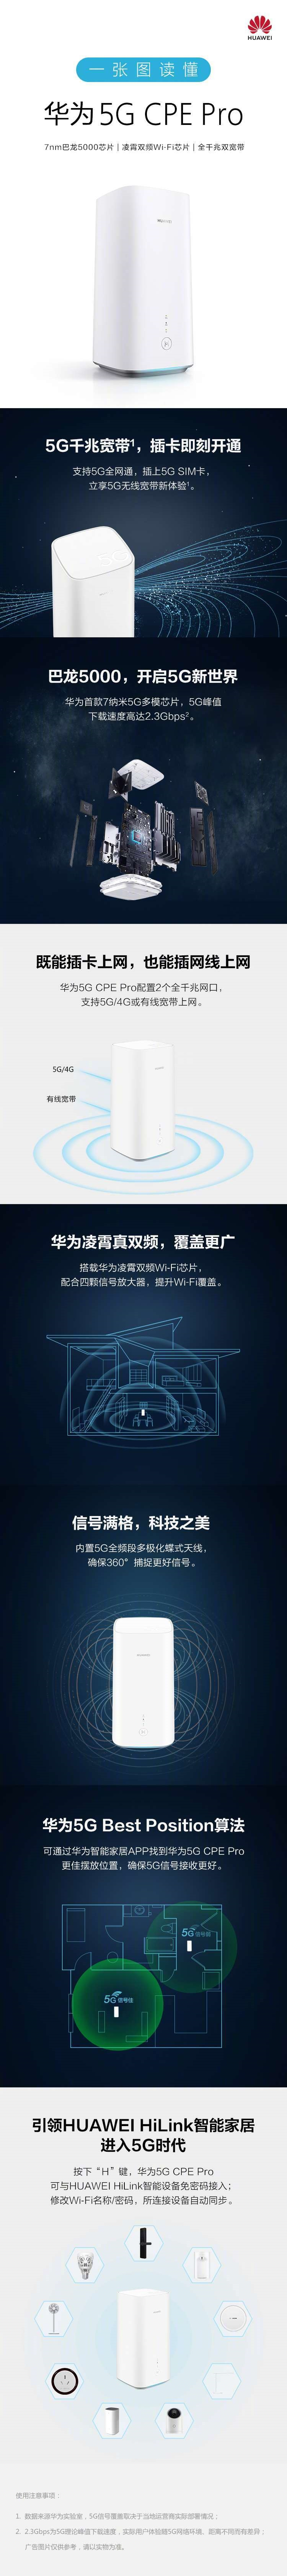 华为5G CPE Pro正式发售:一图看懂售价2499元的智能路由器-玩懂手机网 - 玩懂手机第一手的手机资讯网(www.wdshouji.com)